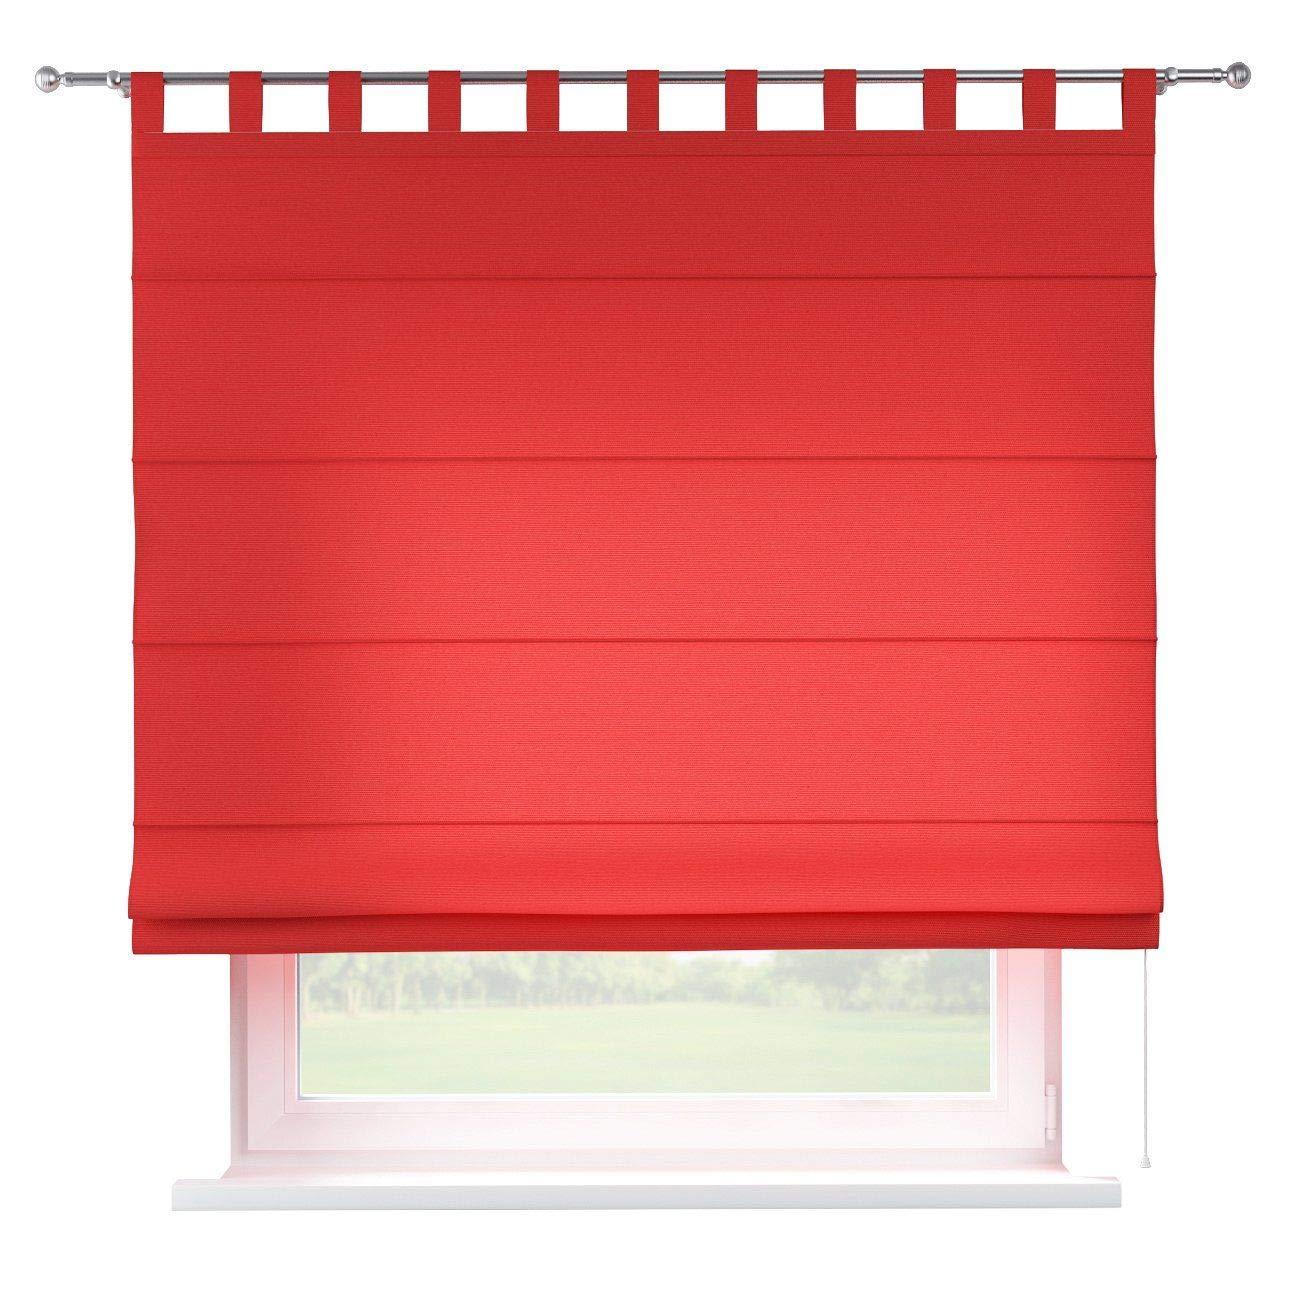 Dekoria Raffrollo Verona ohne Bohren Blickdicht Faltvorhang Raffgardine Wohnzimmer Schlafzimmer Kinderzimmer 130 × 170 cm rot Raffrollos auf Maß maßanfertigung möglich